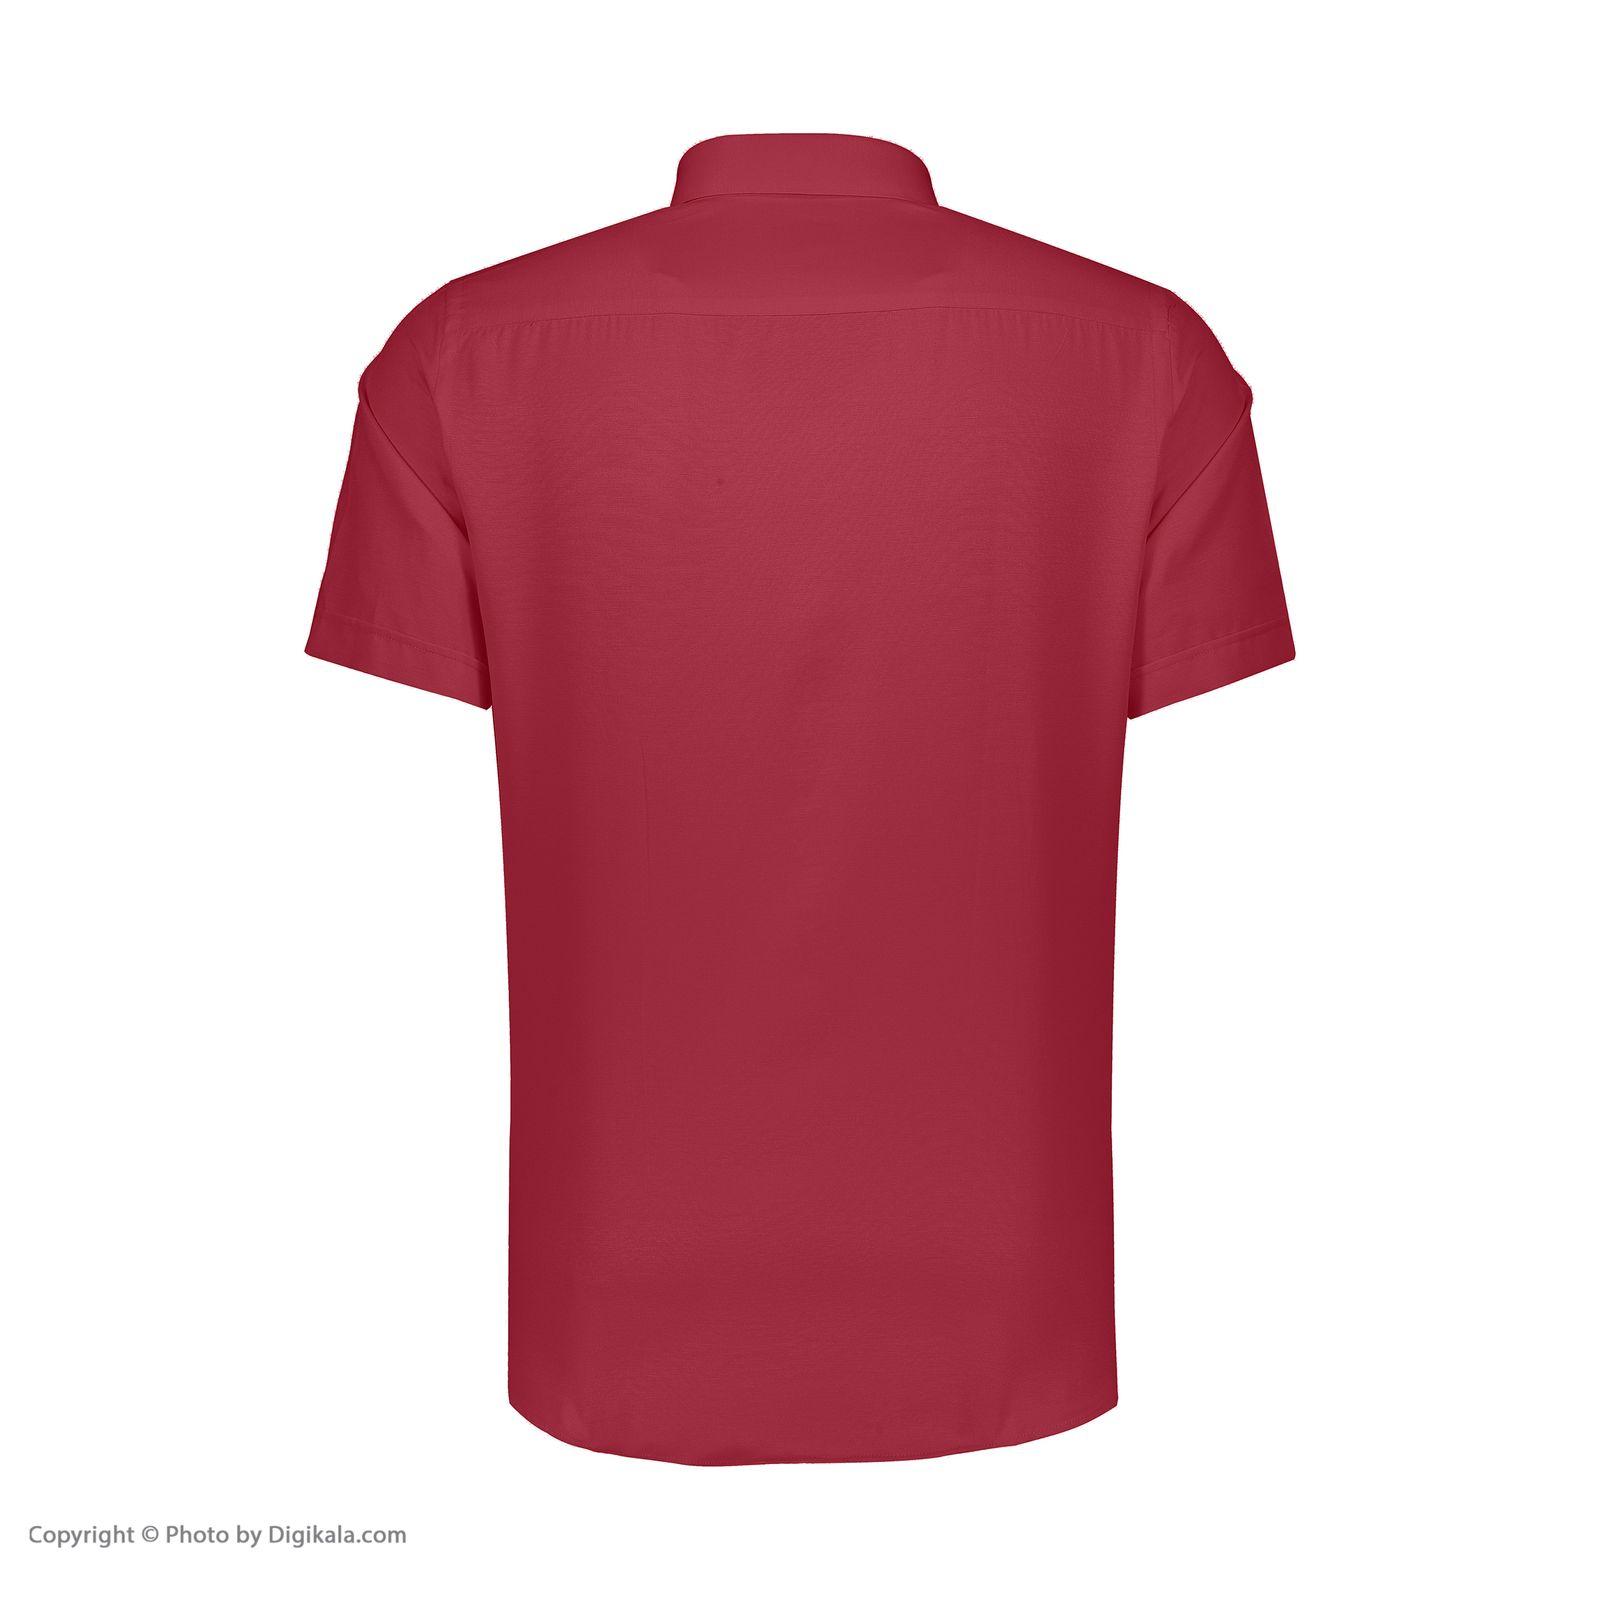 پیراهن مردانه زی مدل 153119770 -  - 3